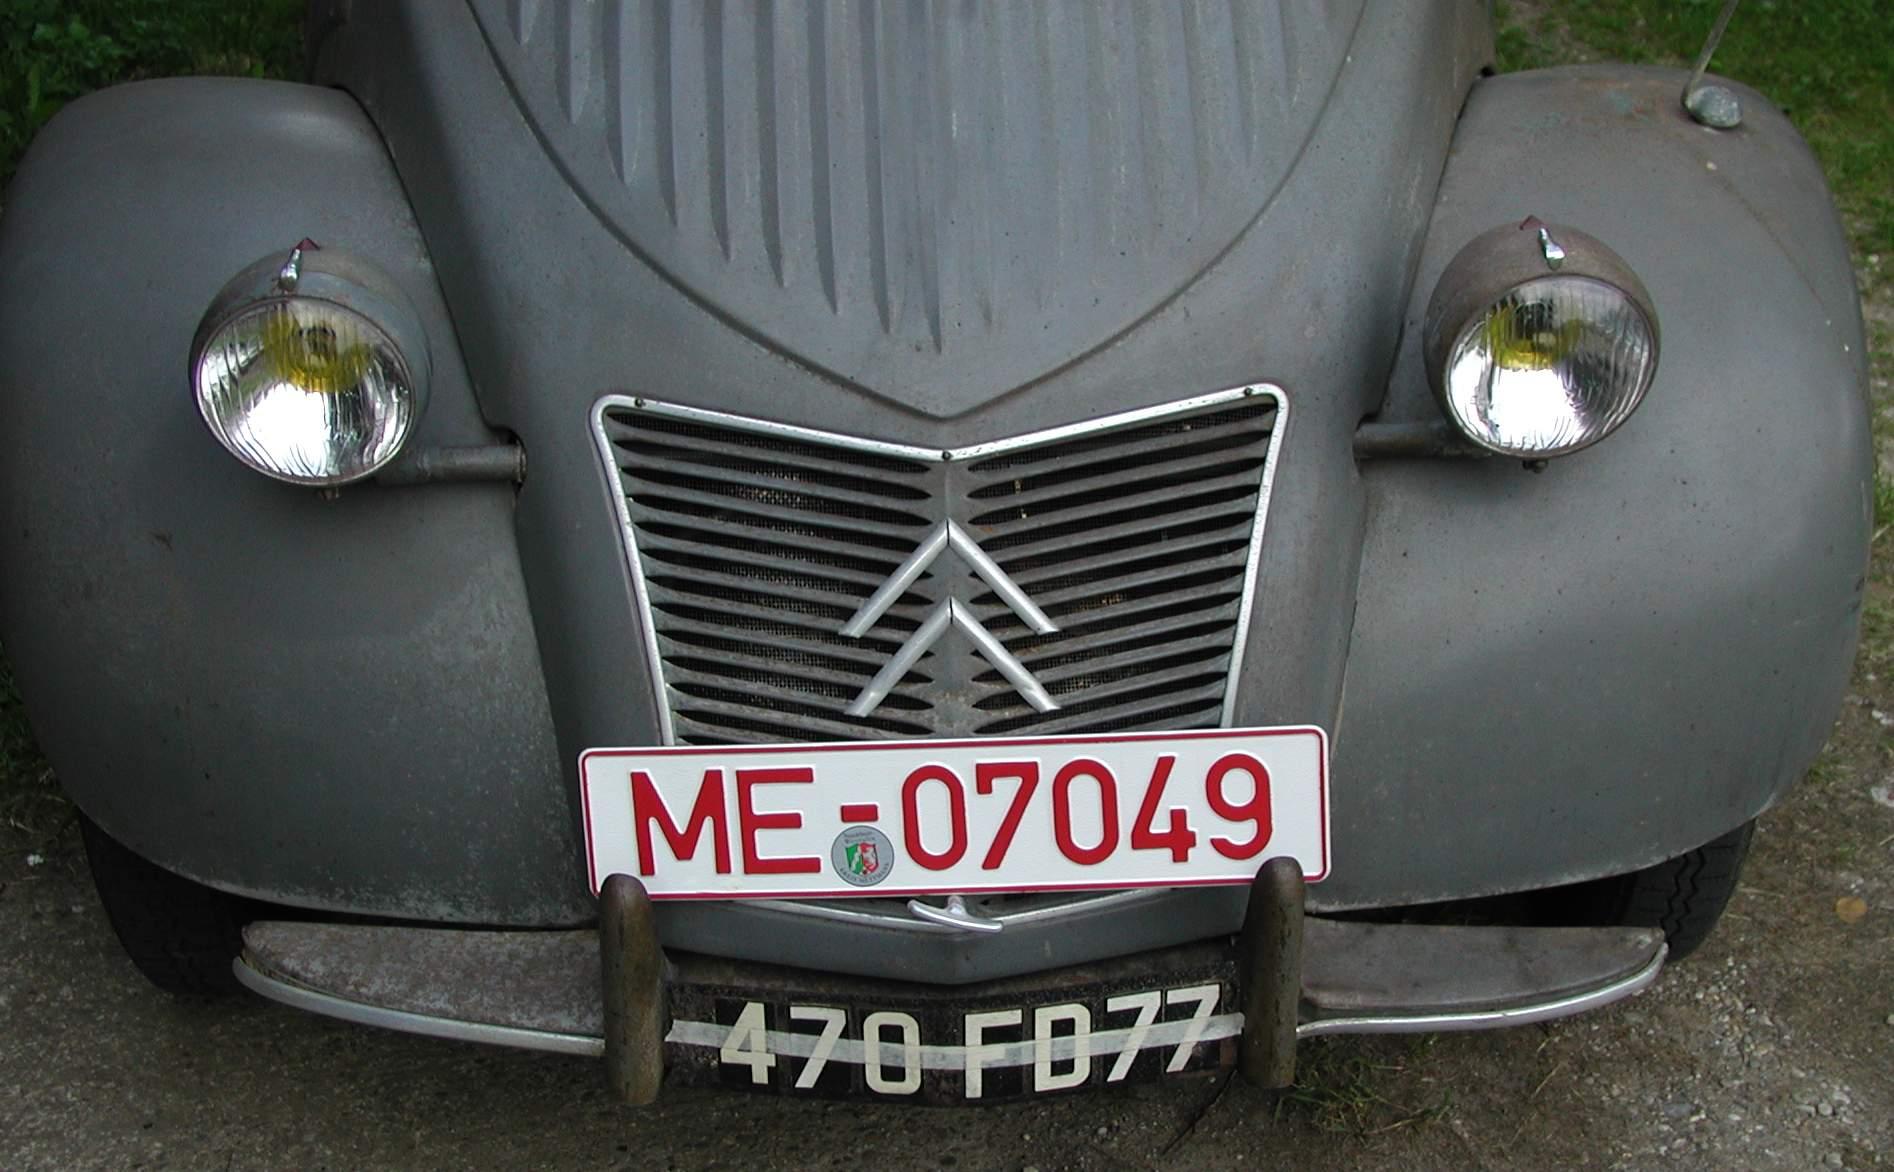 FIVA – Amicale Citroën & DS Deutschland